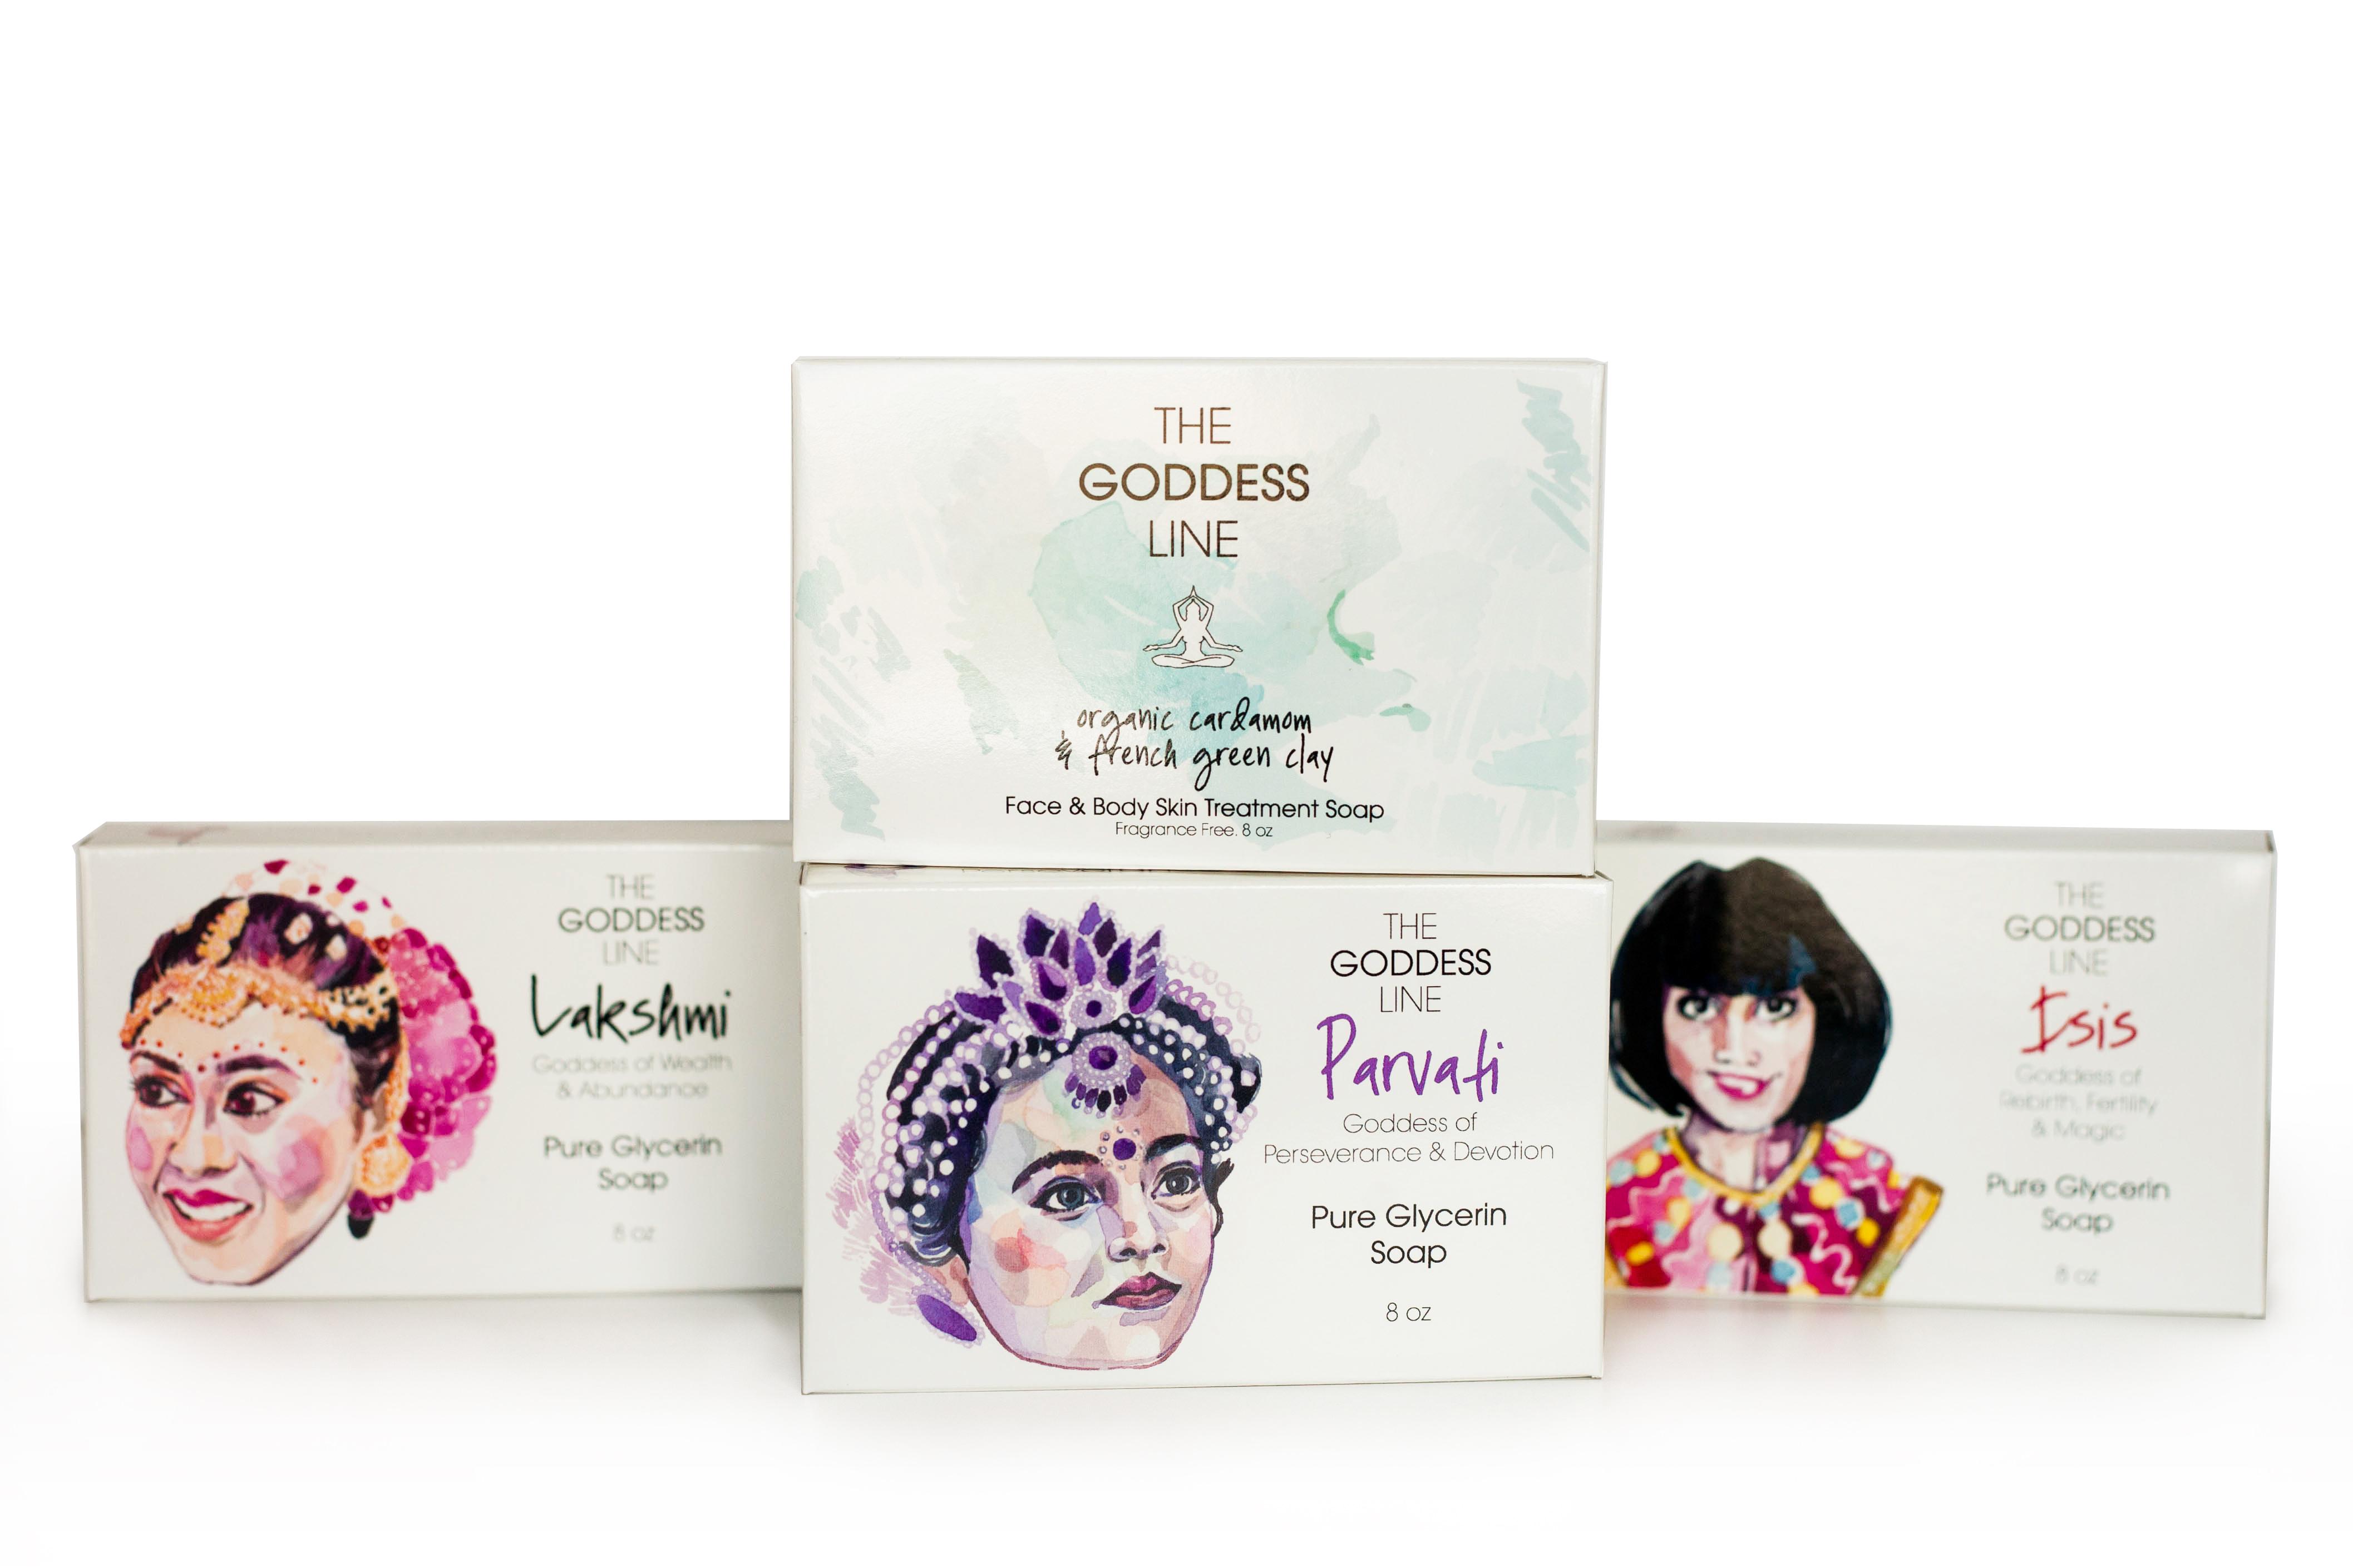 The Goddess Line Boxes (http://www.thegoddessline.org/)